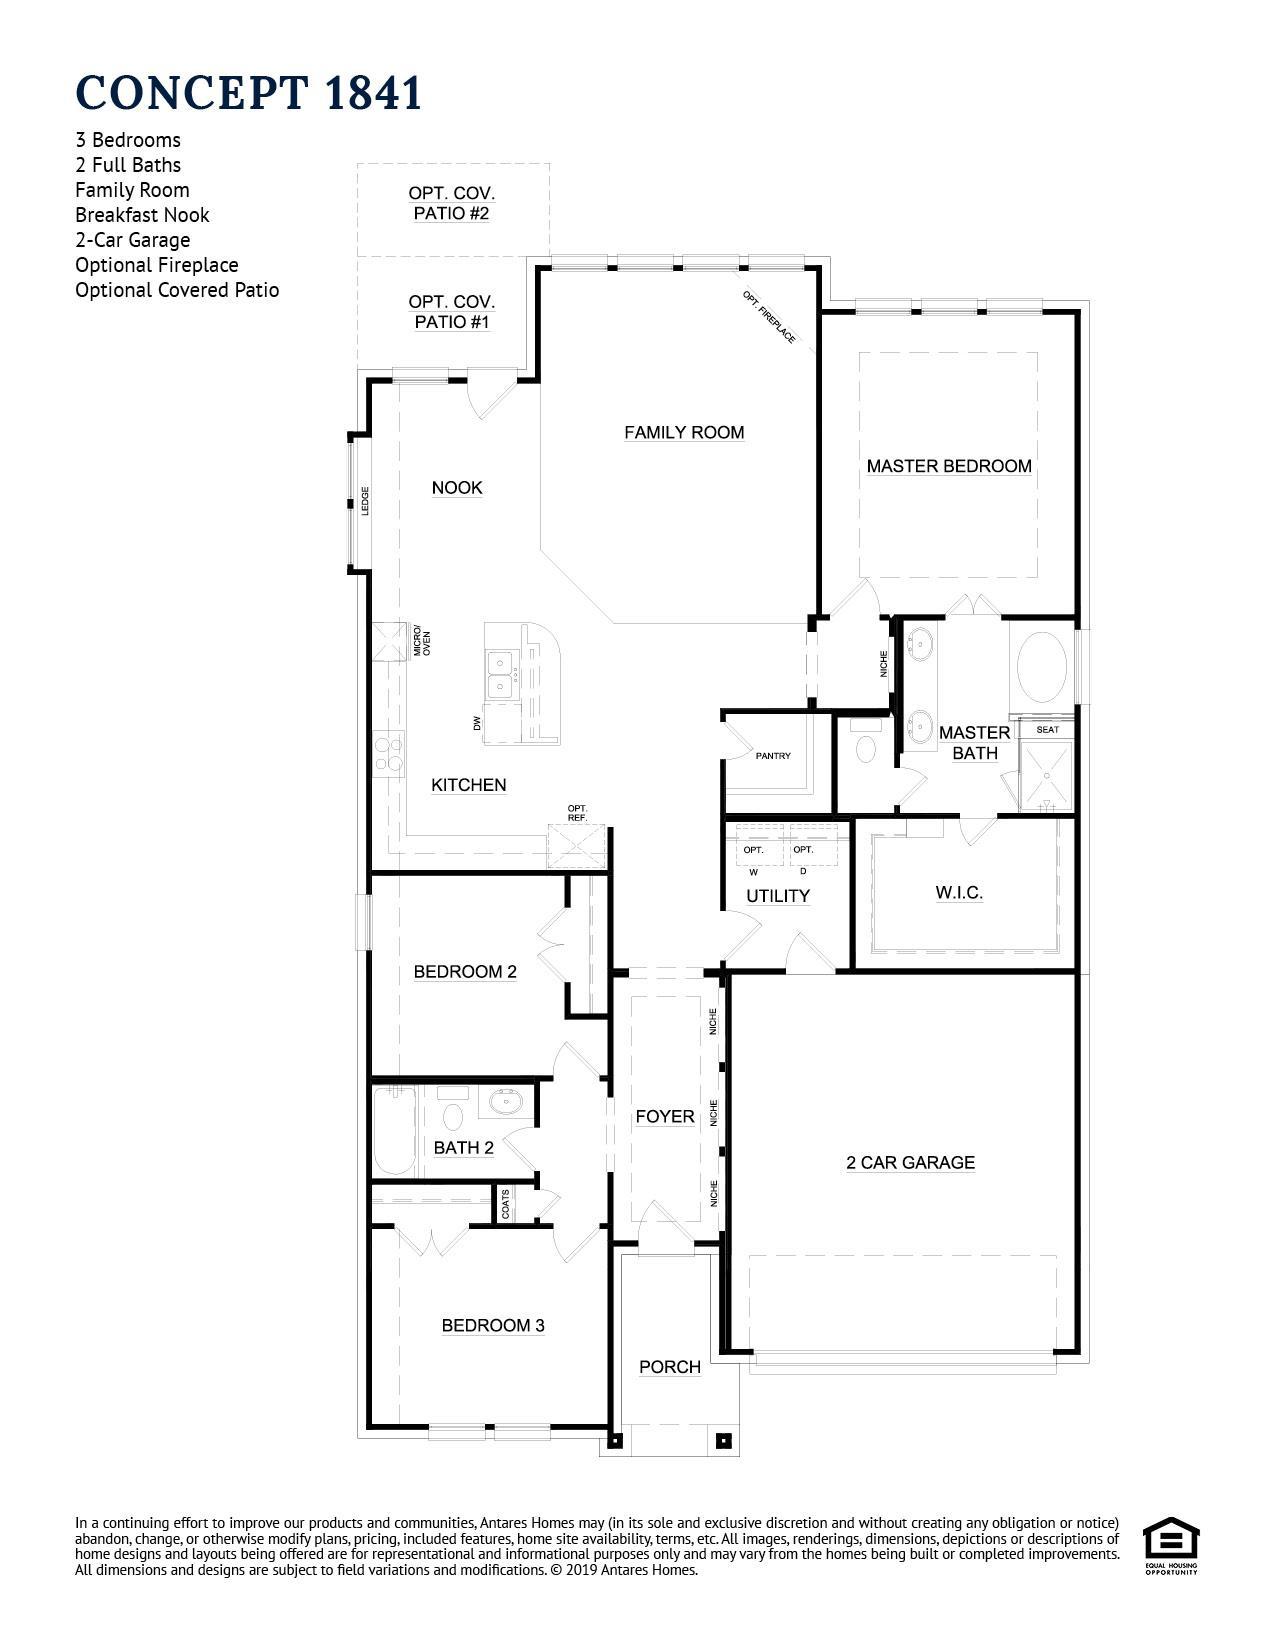 Concept 1841 Floor Plan